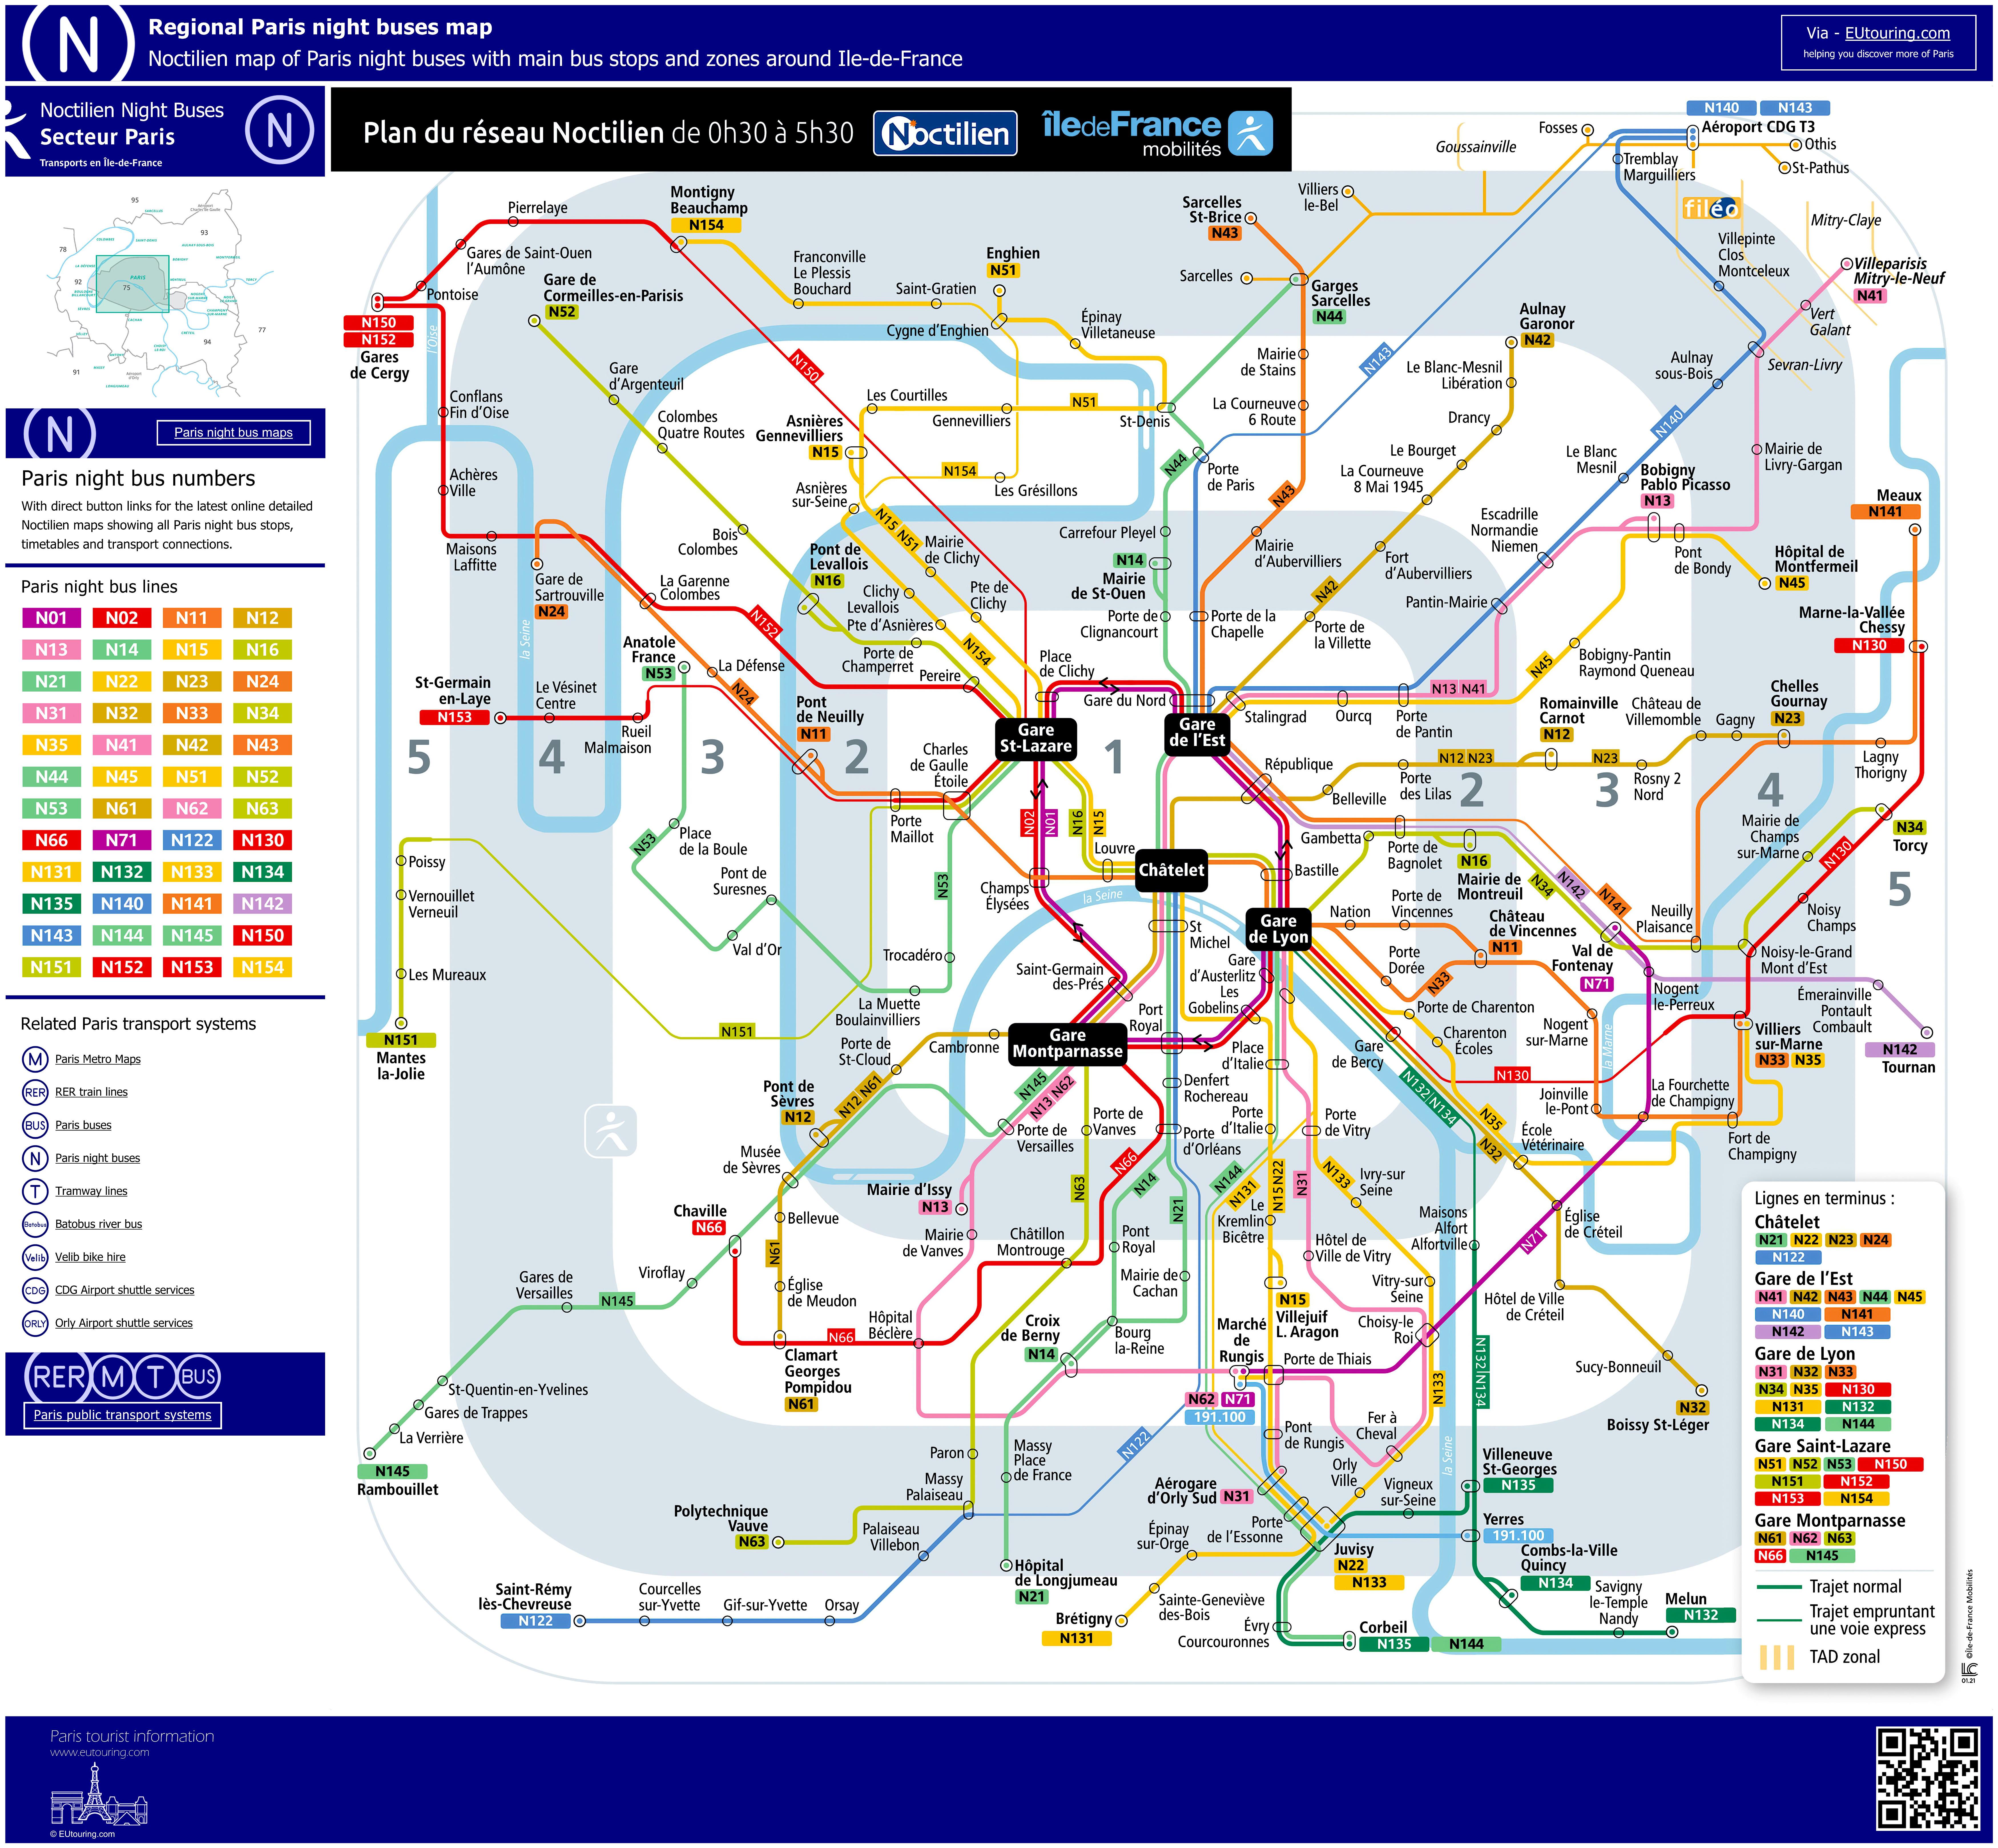 Noctilien Bus Maps With Stops For Paris Night Buses - Bus map paris france